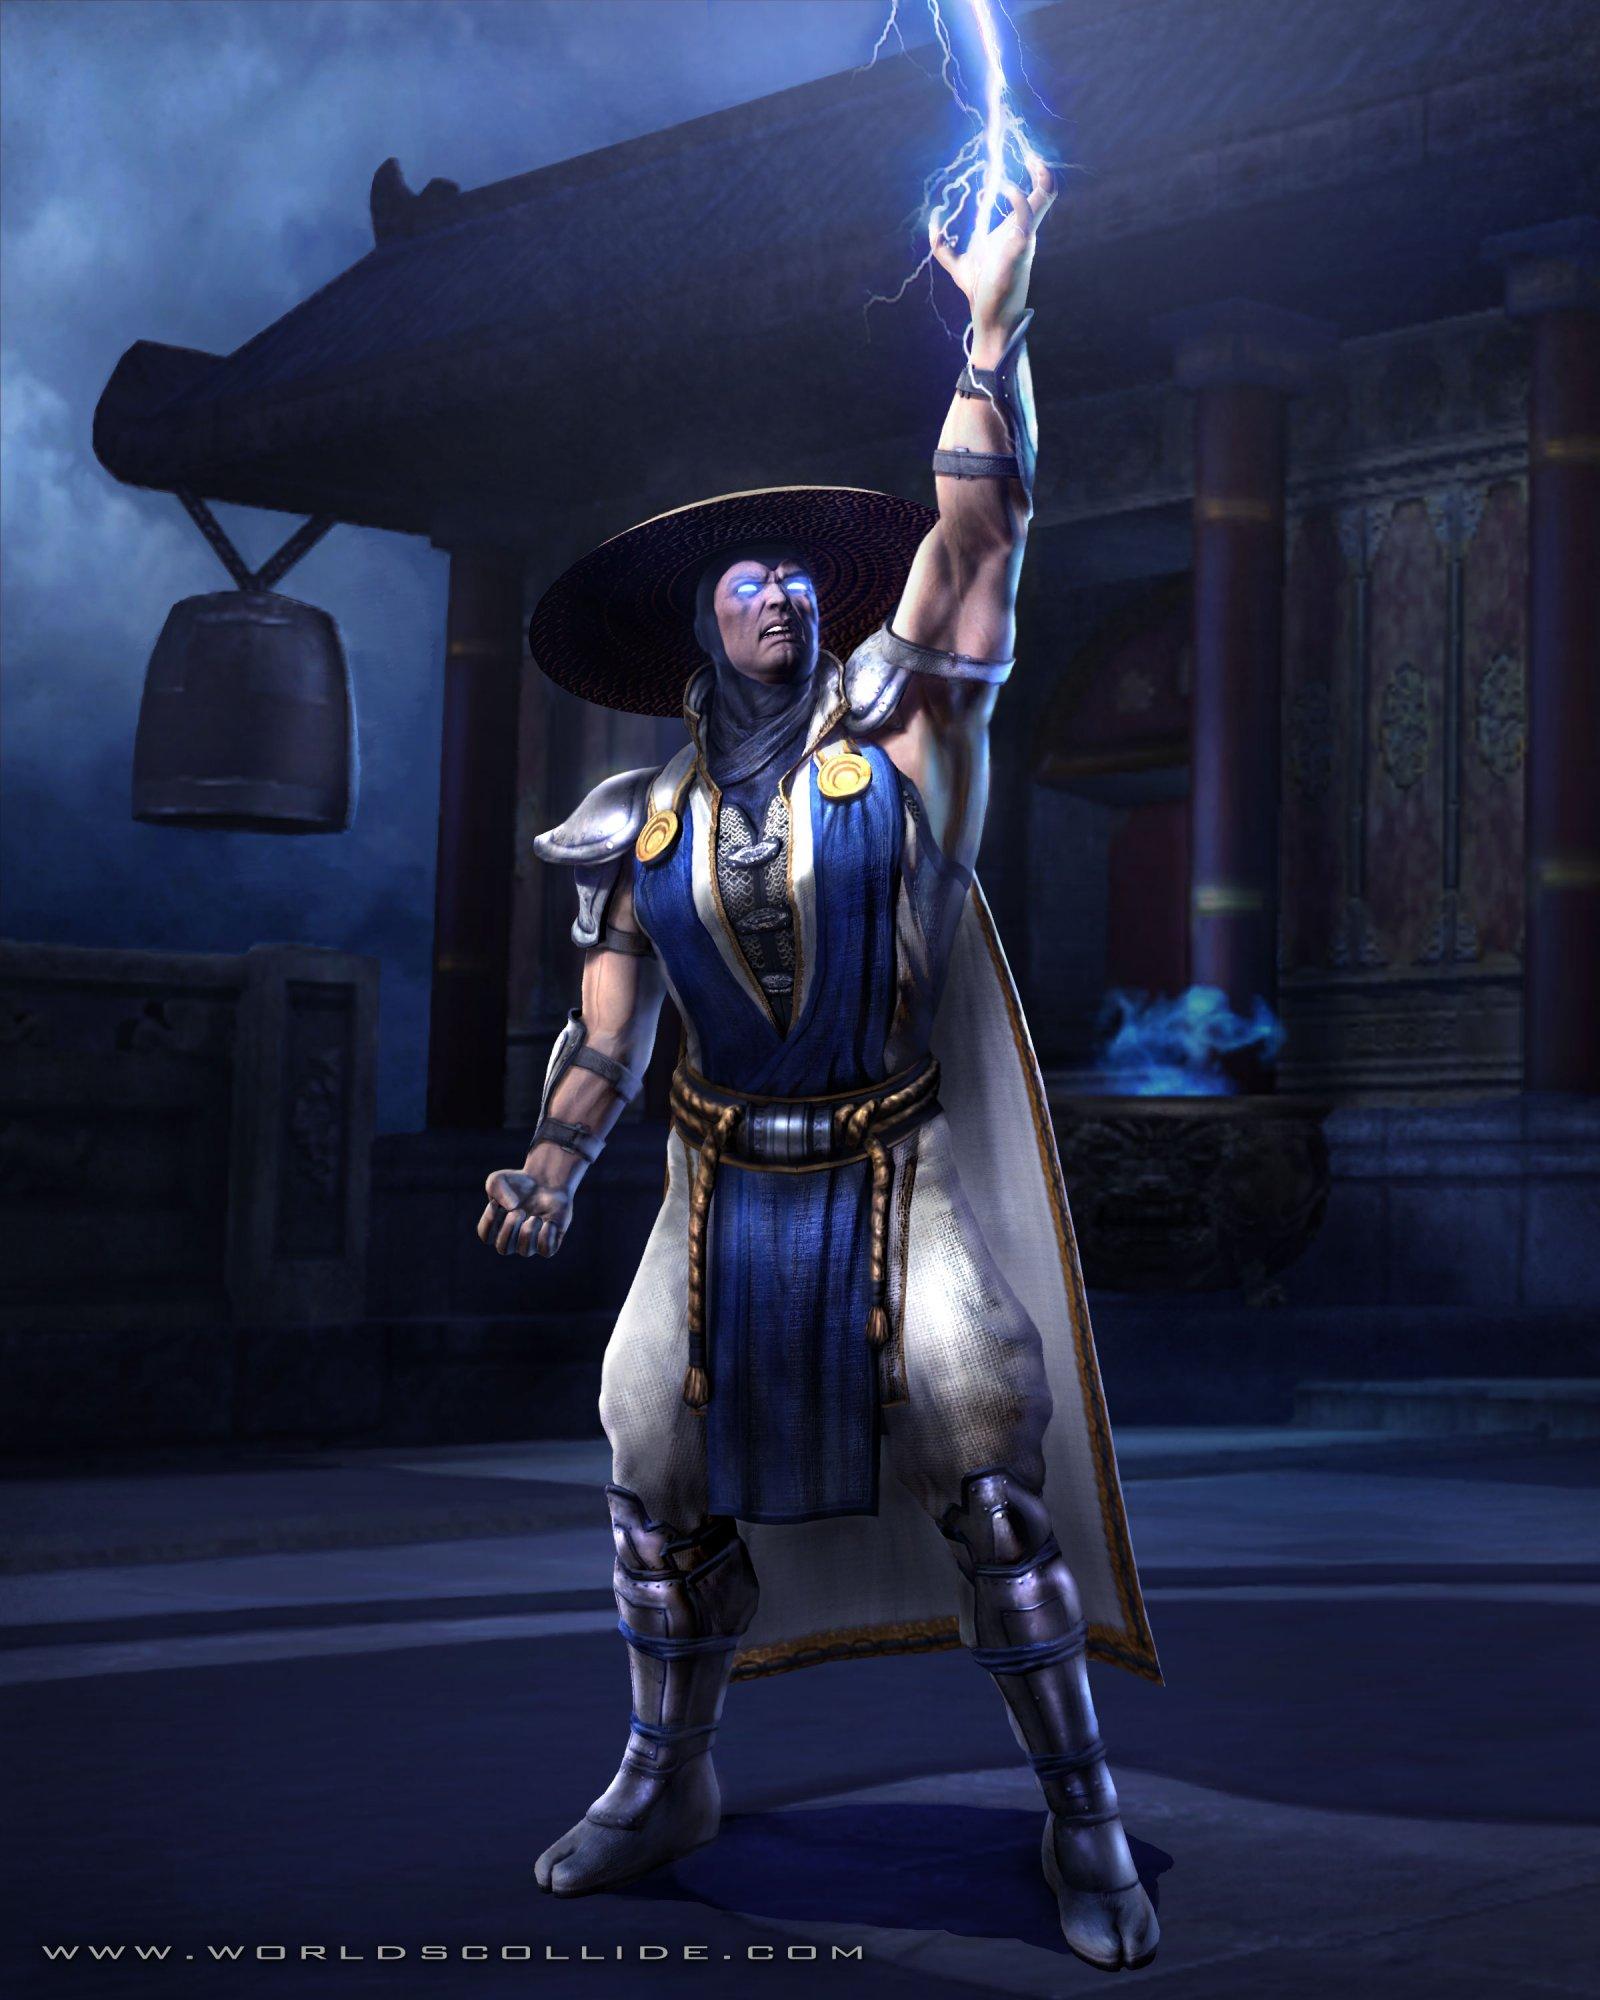 Mortal Kombat Online: Raiden / Rayden (Mortal Kombat